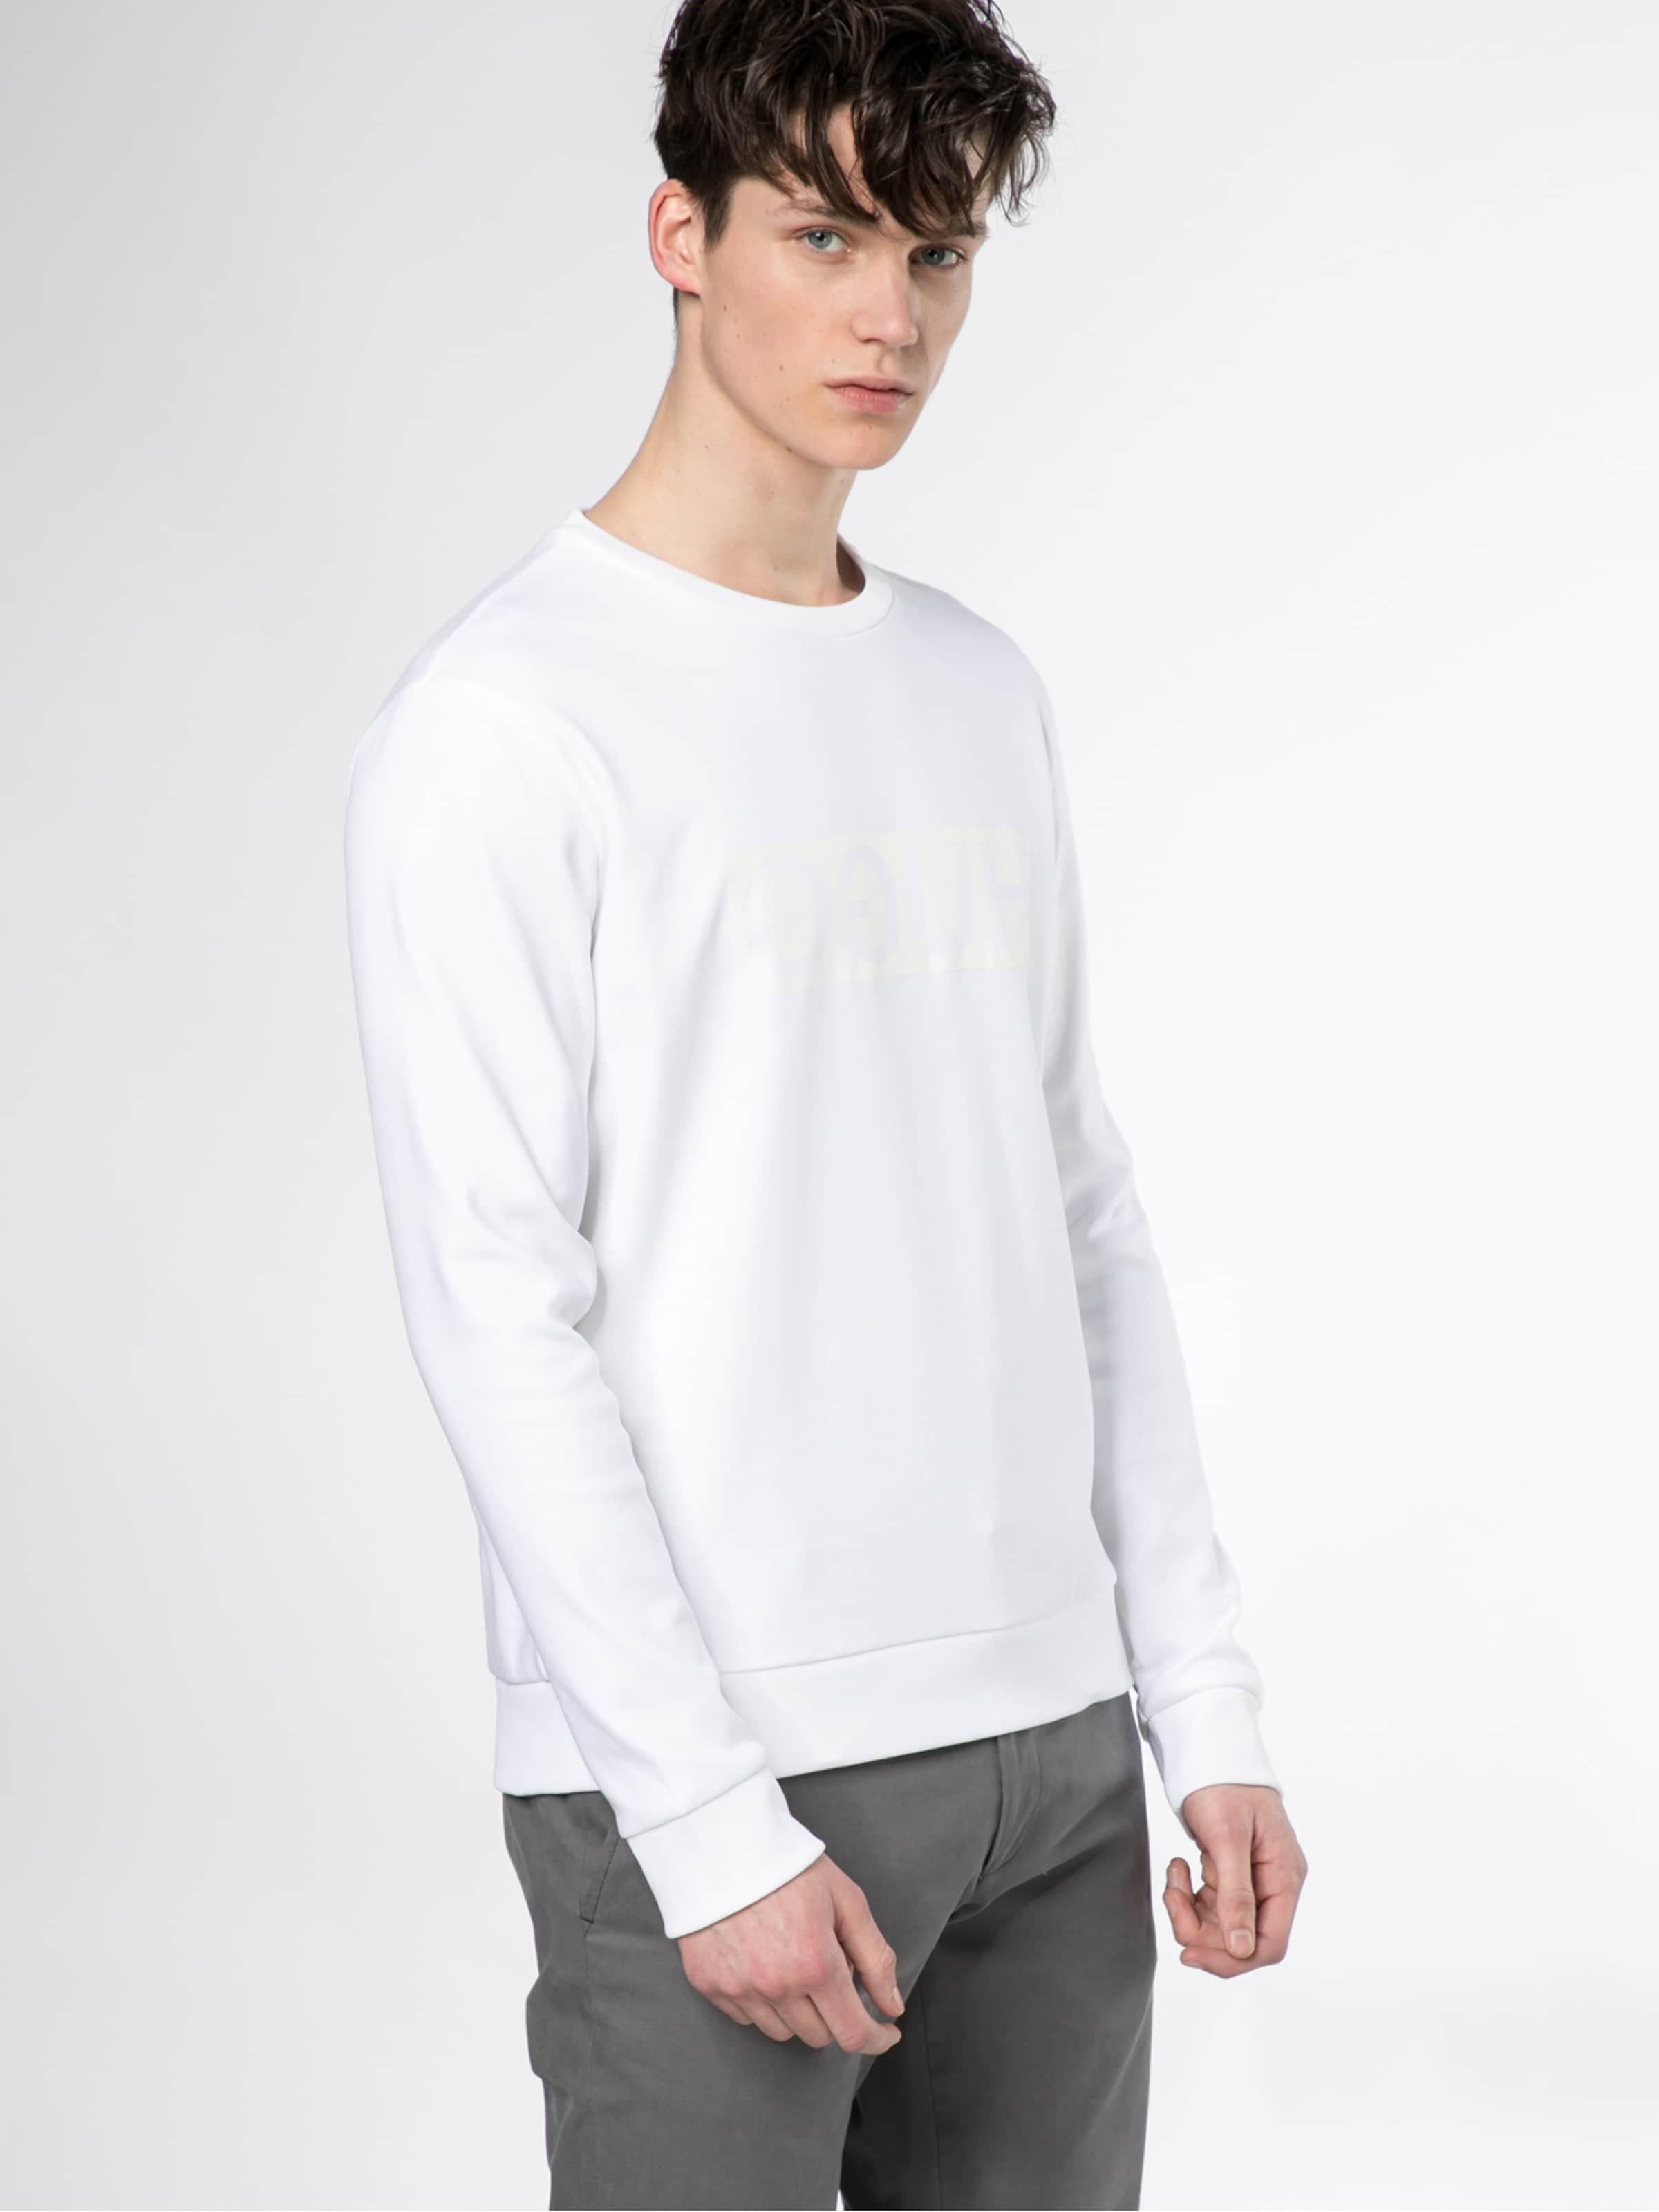 HUGO Sweatshirt mit Icon-Print 'Dicago' Verkaufspreise Genießen Online-Verkauf Manchester Online Aus Deutschland Billige Browse aVMLHqf